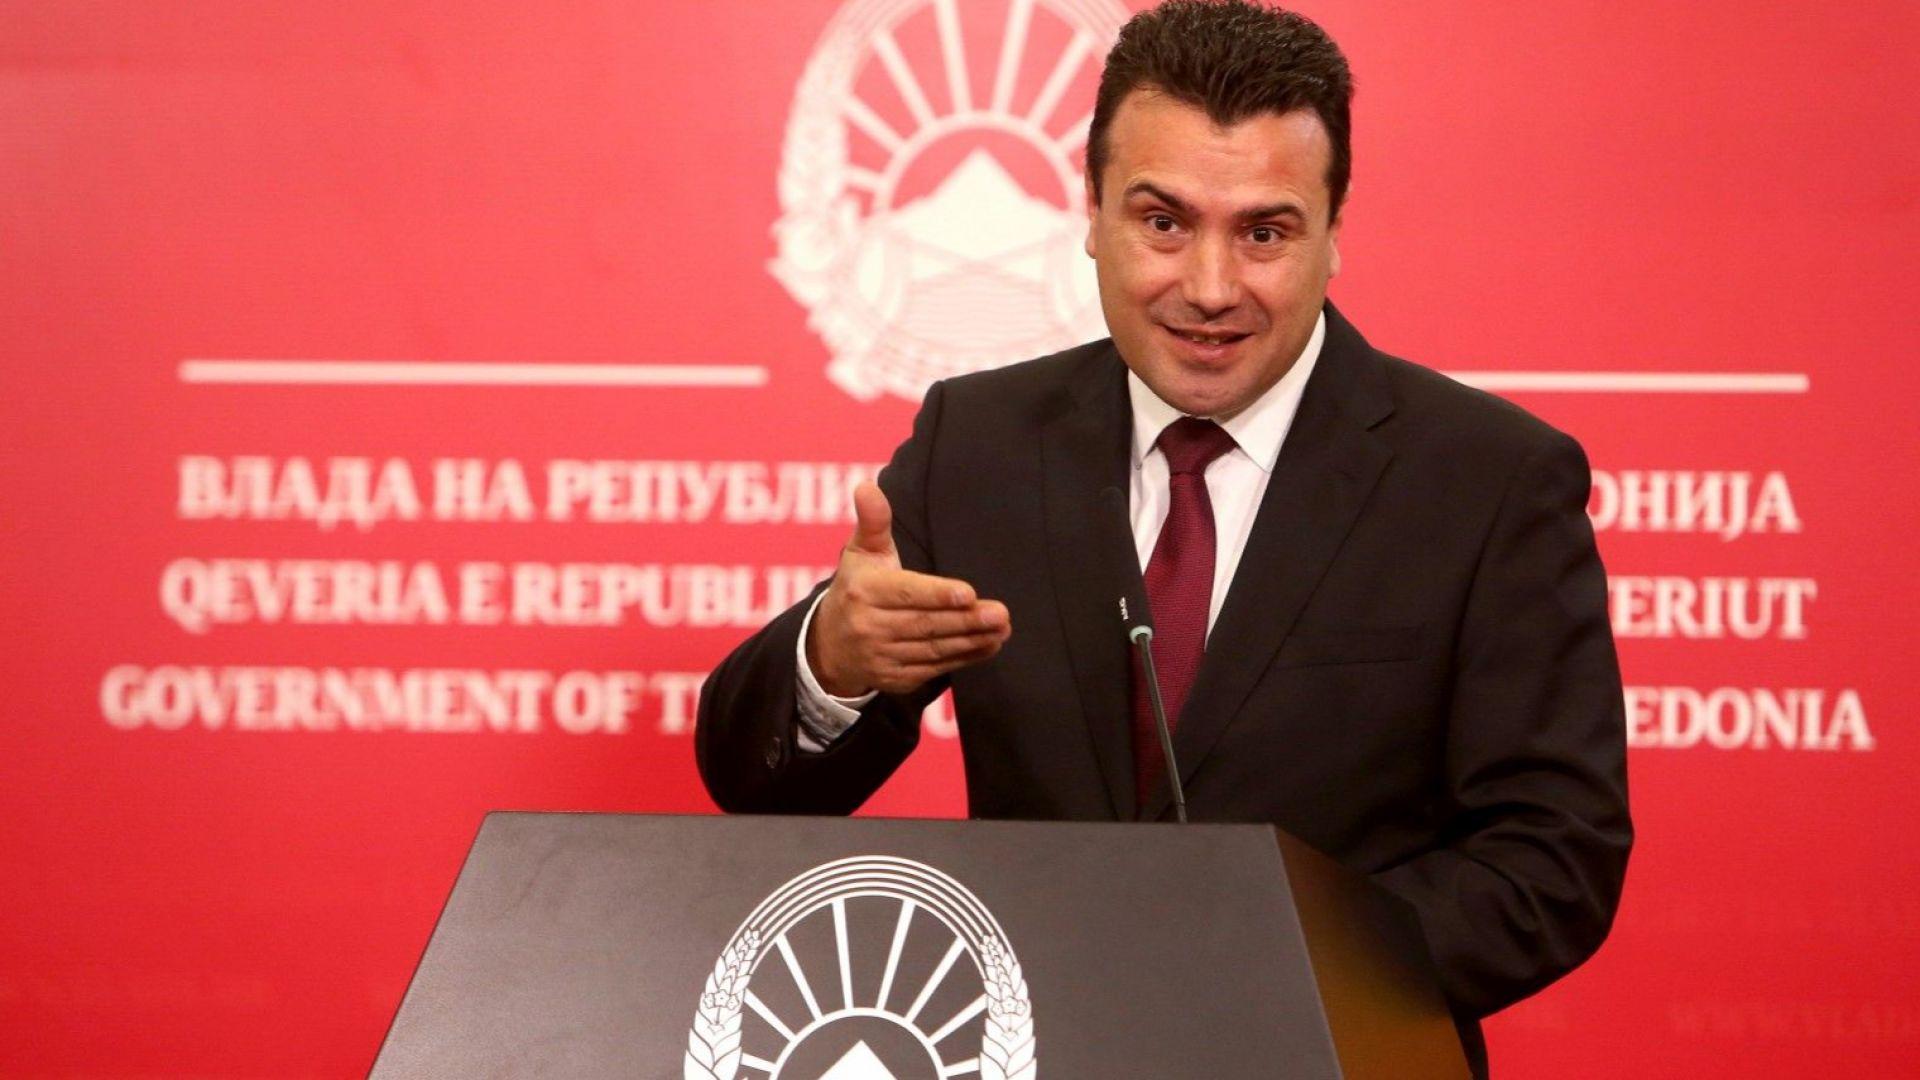 С България подписахме договор за приятелство и сътрудничество, а не